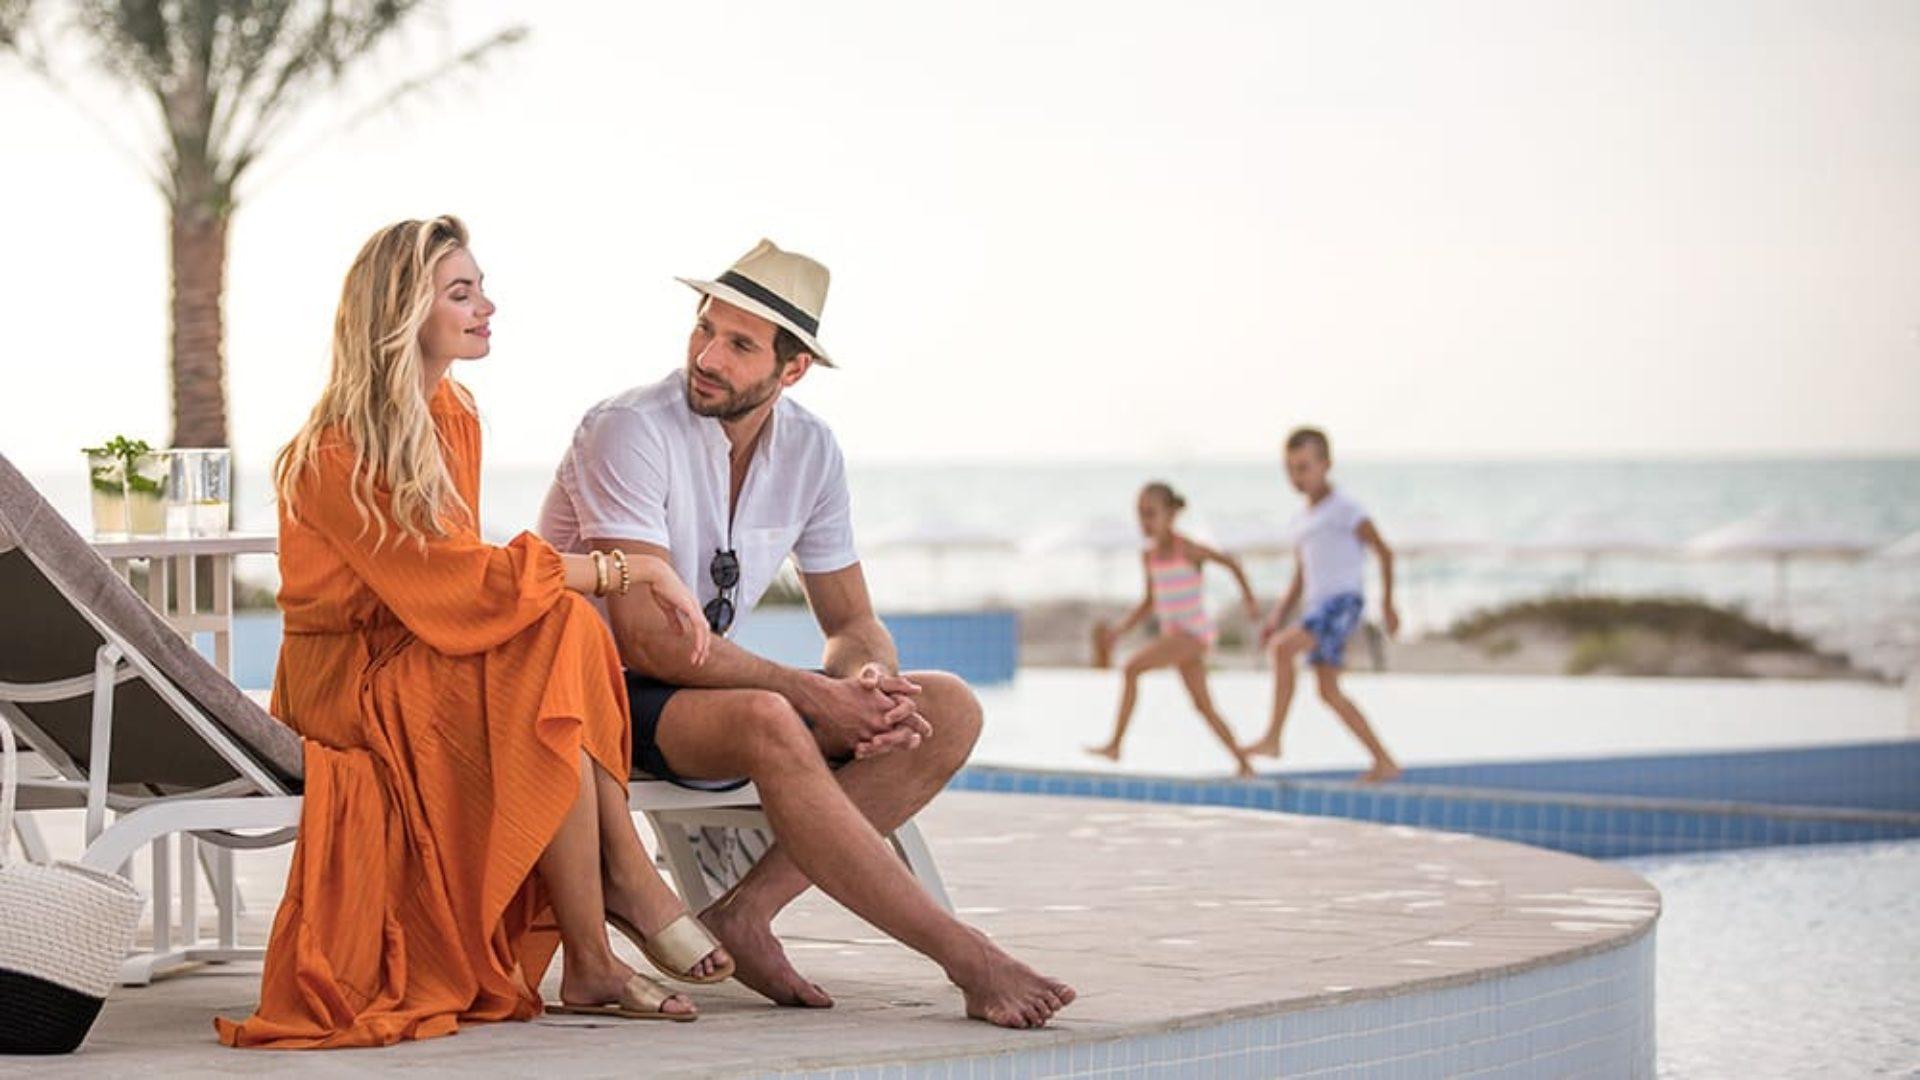 Family by the pool at Jumeirah at Saadiyat Island